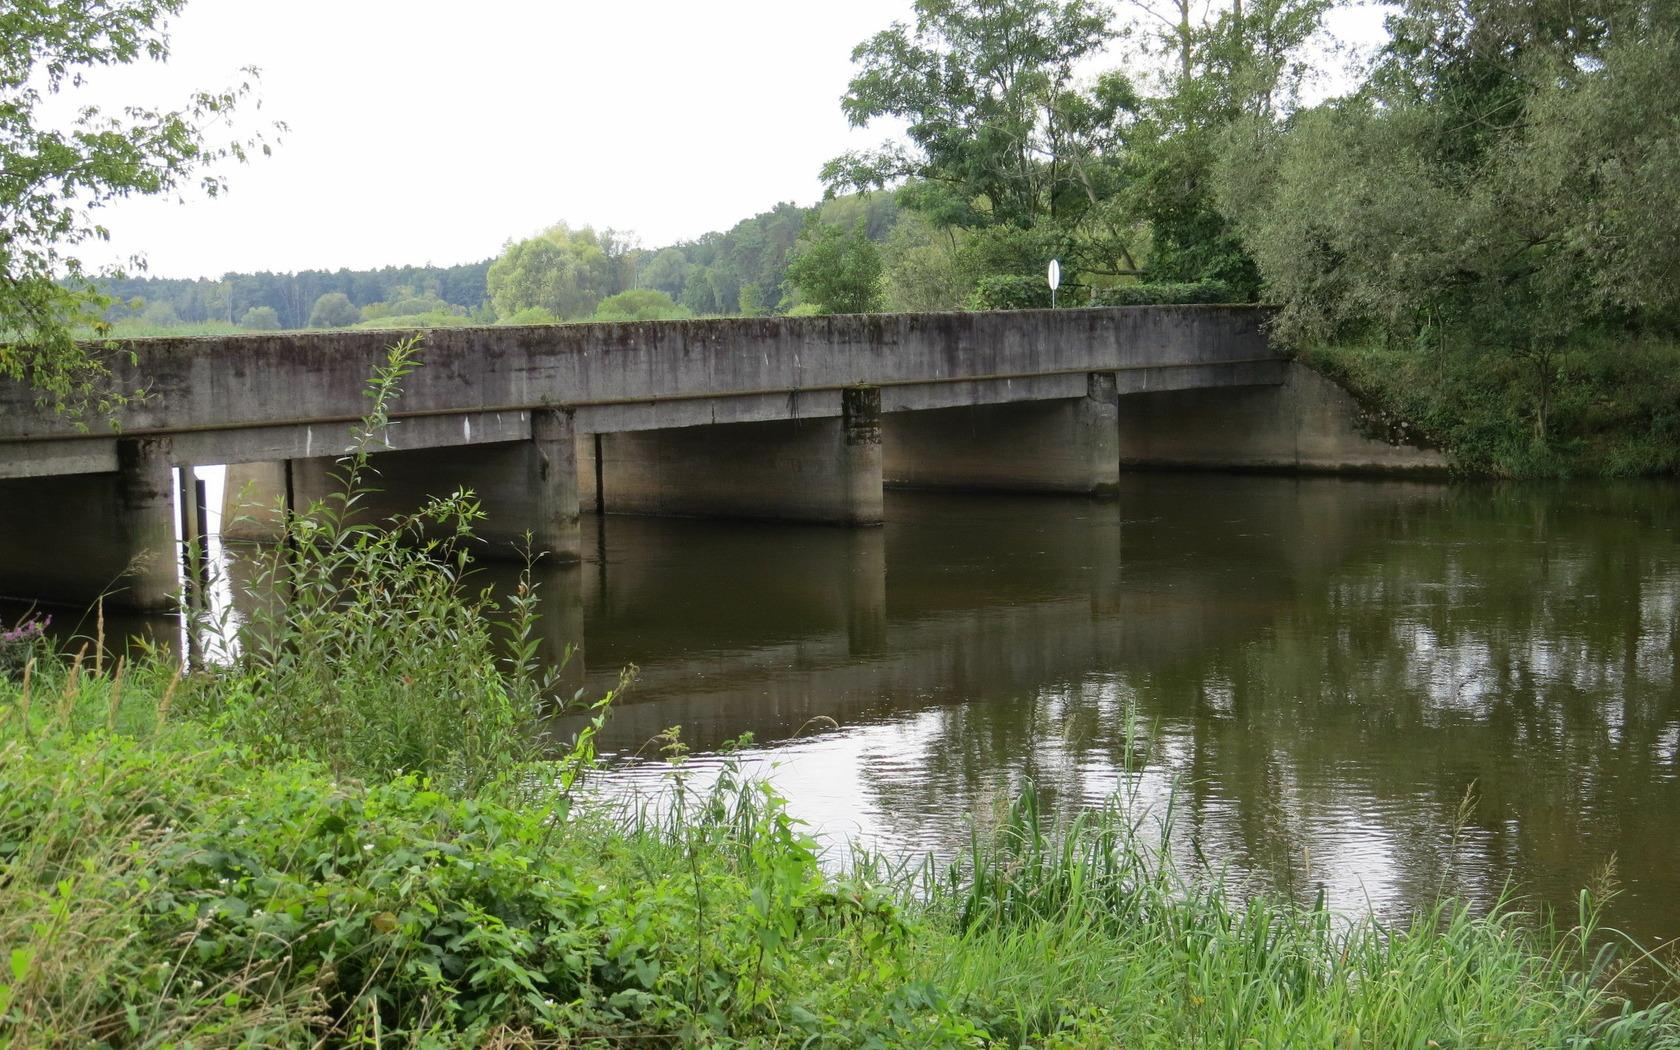 Wehr zum Wasserkraftwerkskanal Grießen, Ansicht vom Kanal, Foto: M. Zahn